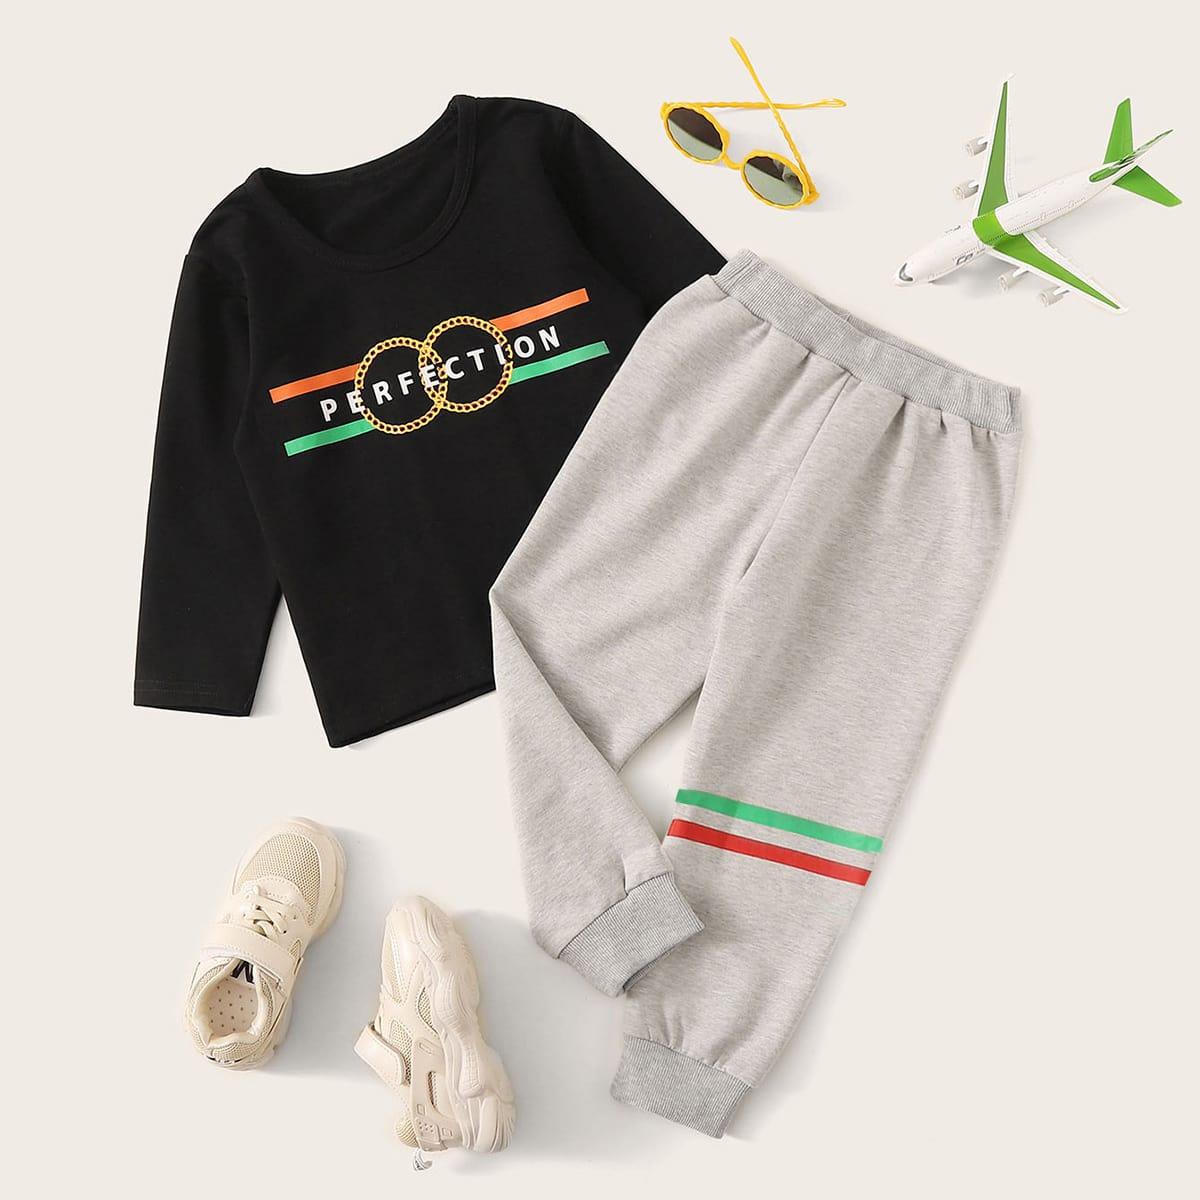 Спортивные брюки и футболка с текстовым принтом для мальчиков от SHEIN